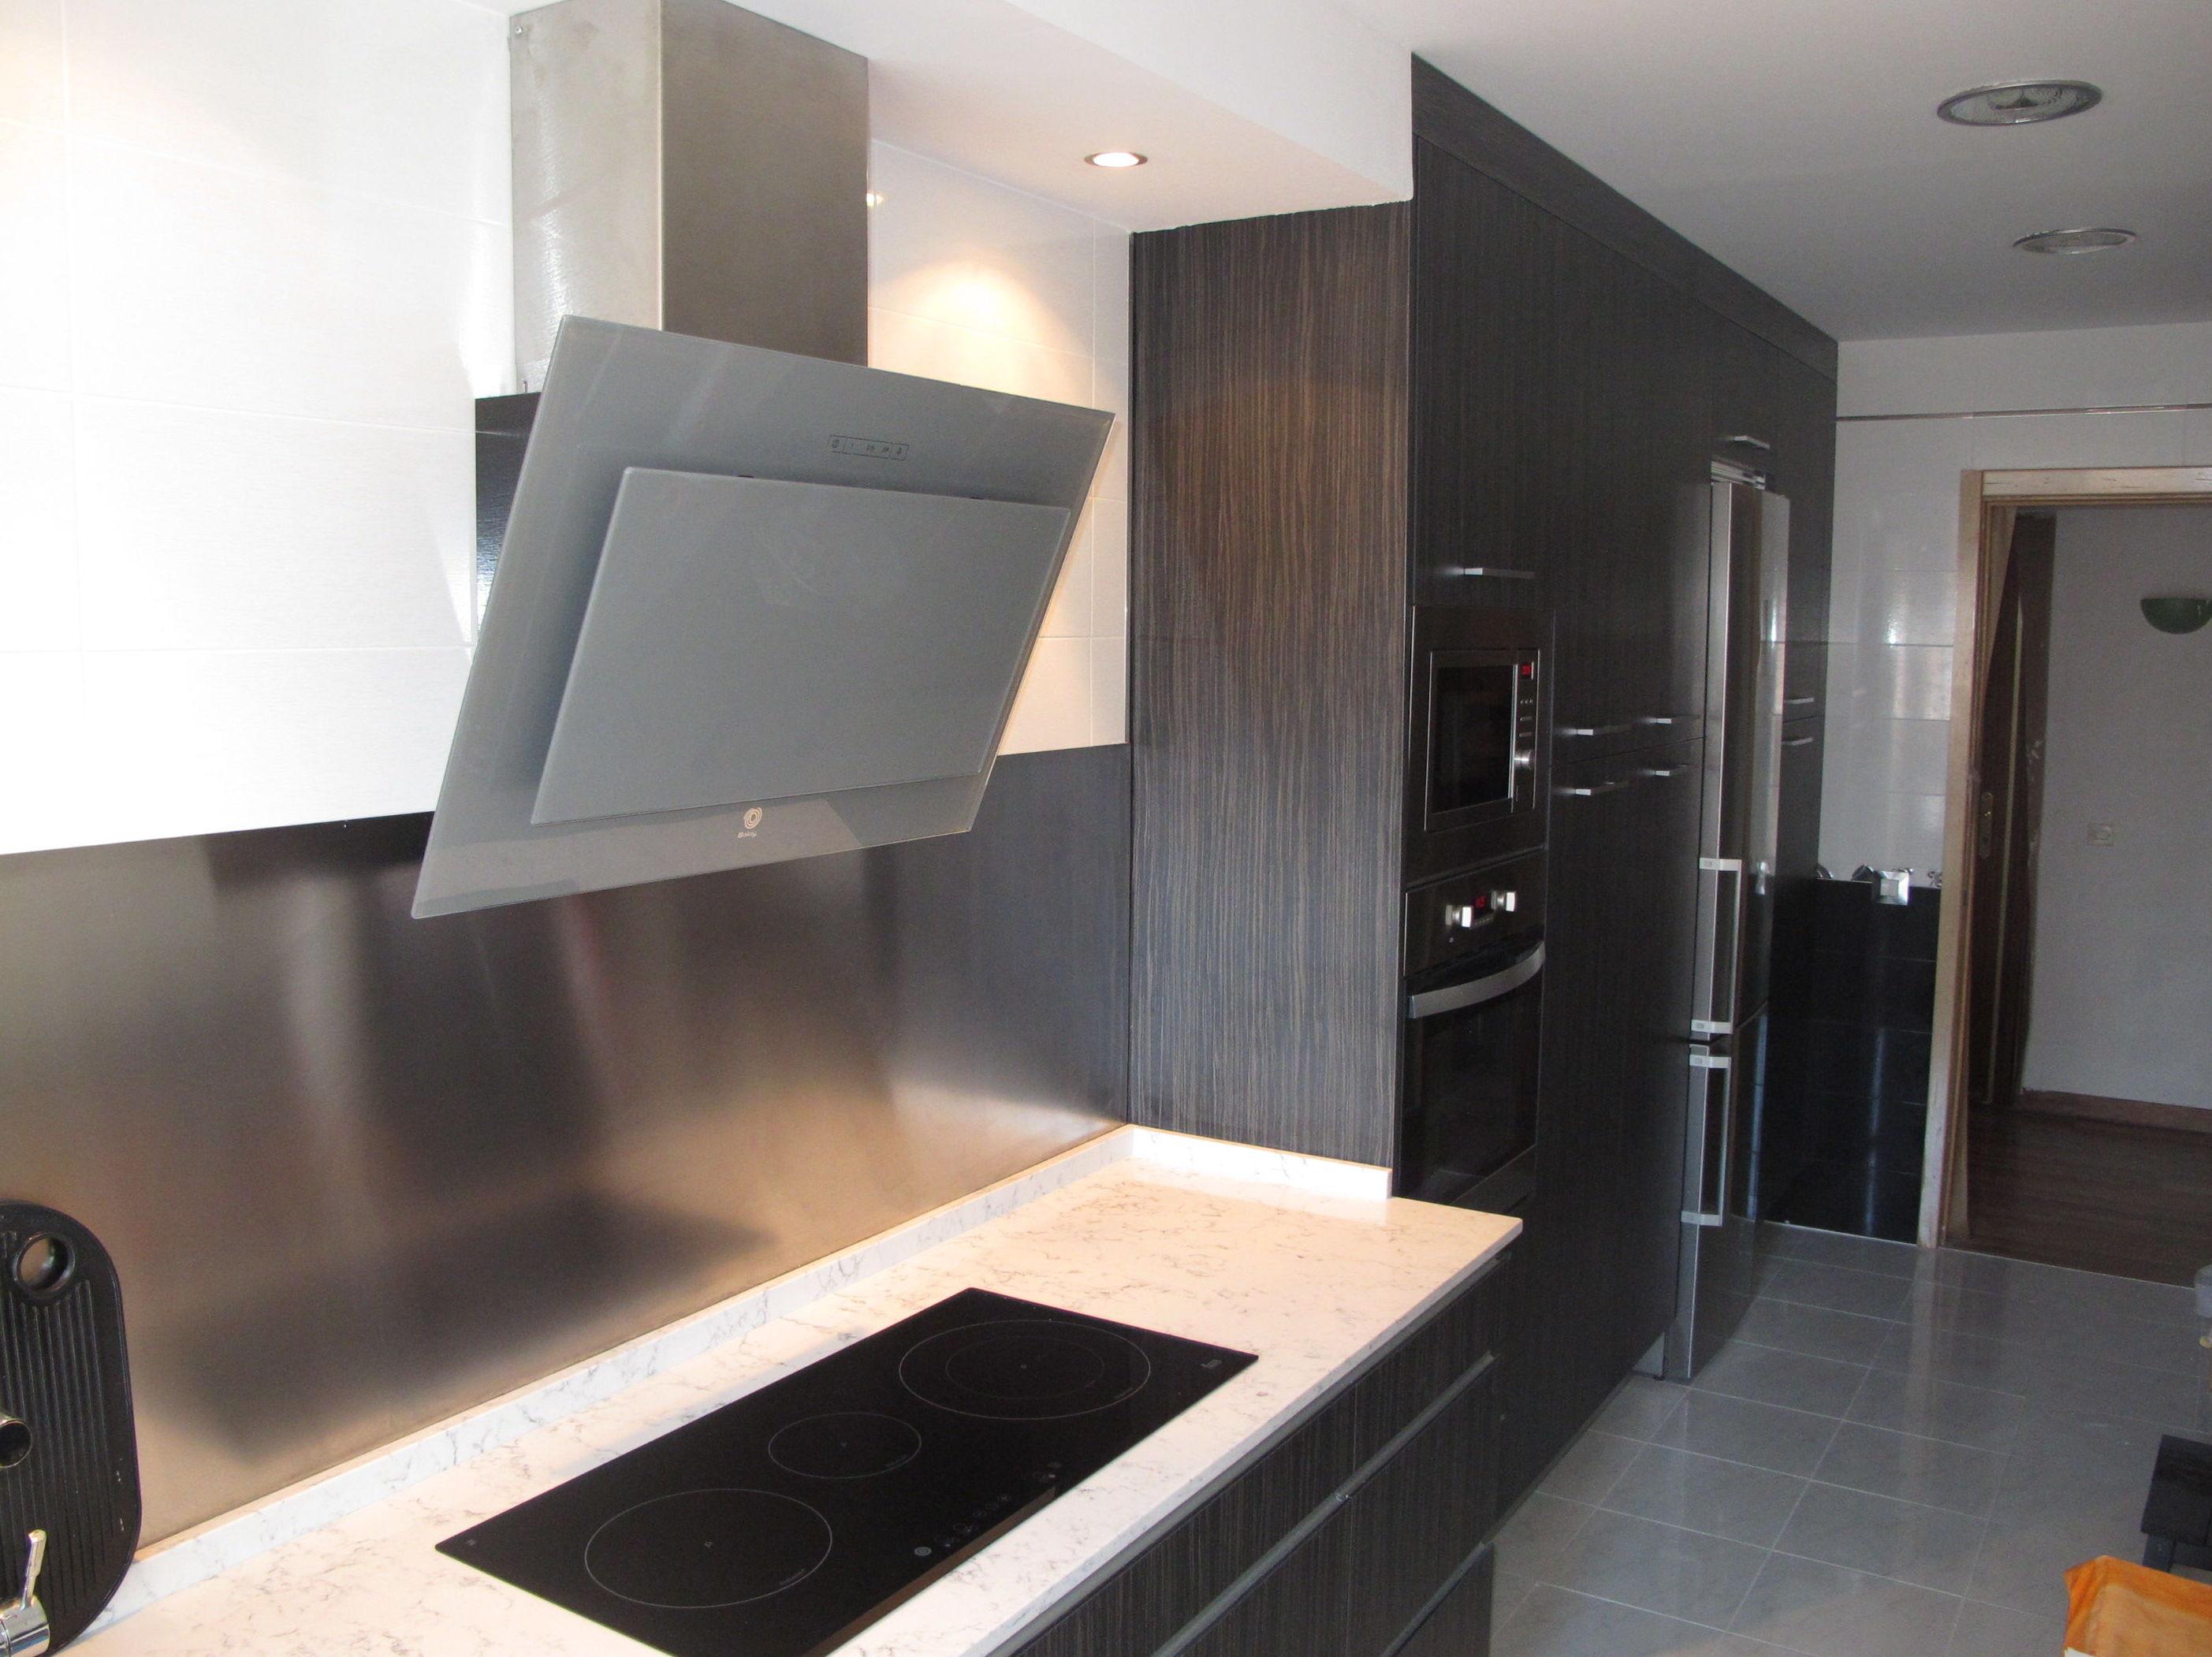 Muebles de cocina proyecto realizado en madrid cat logo for Muebles de diseno madrid